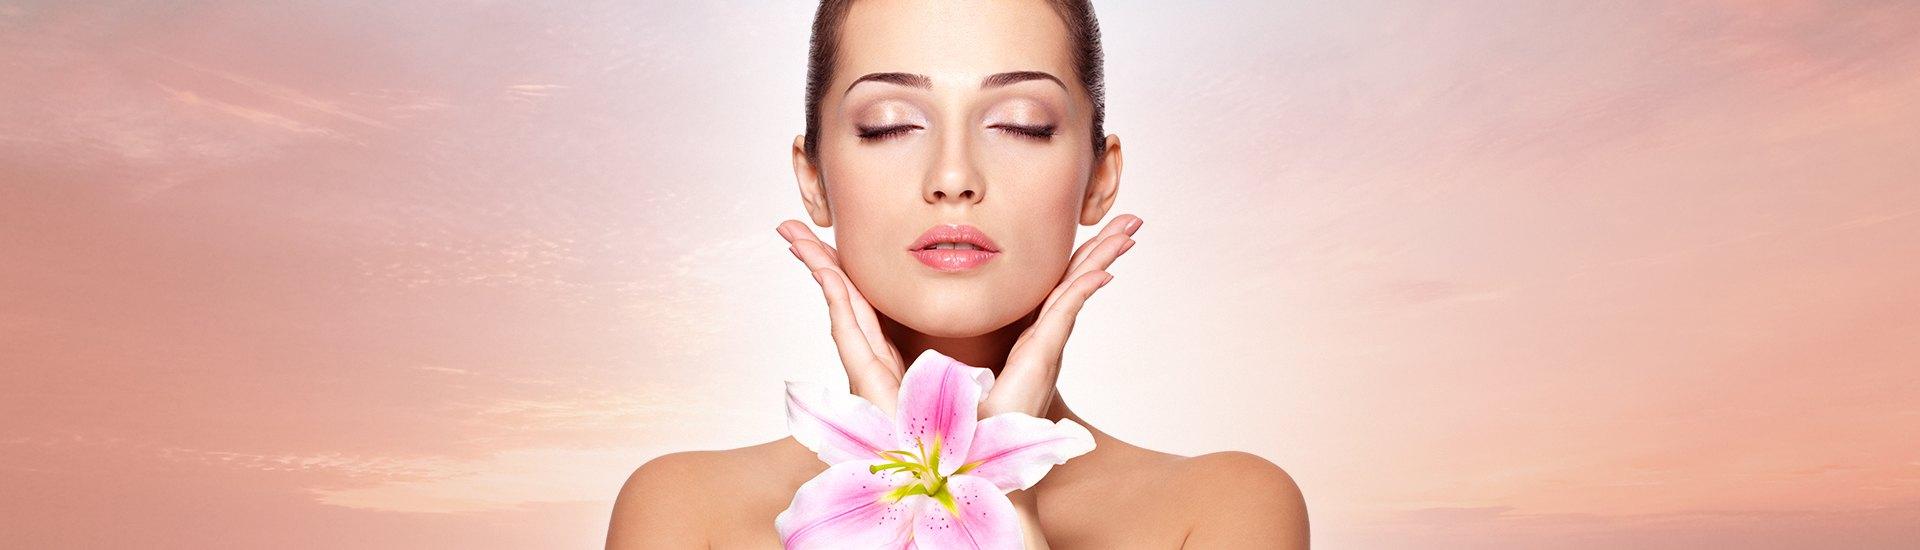 Dermatologia Estética e Cosmiátrica - Veja os procedimentos!